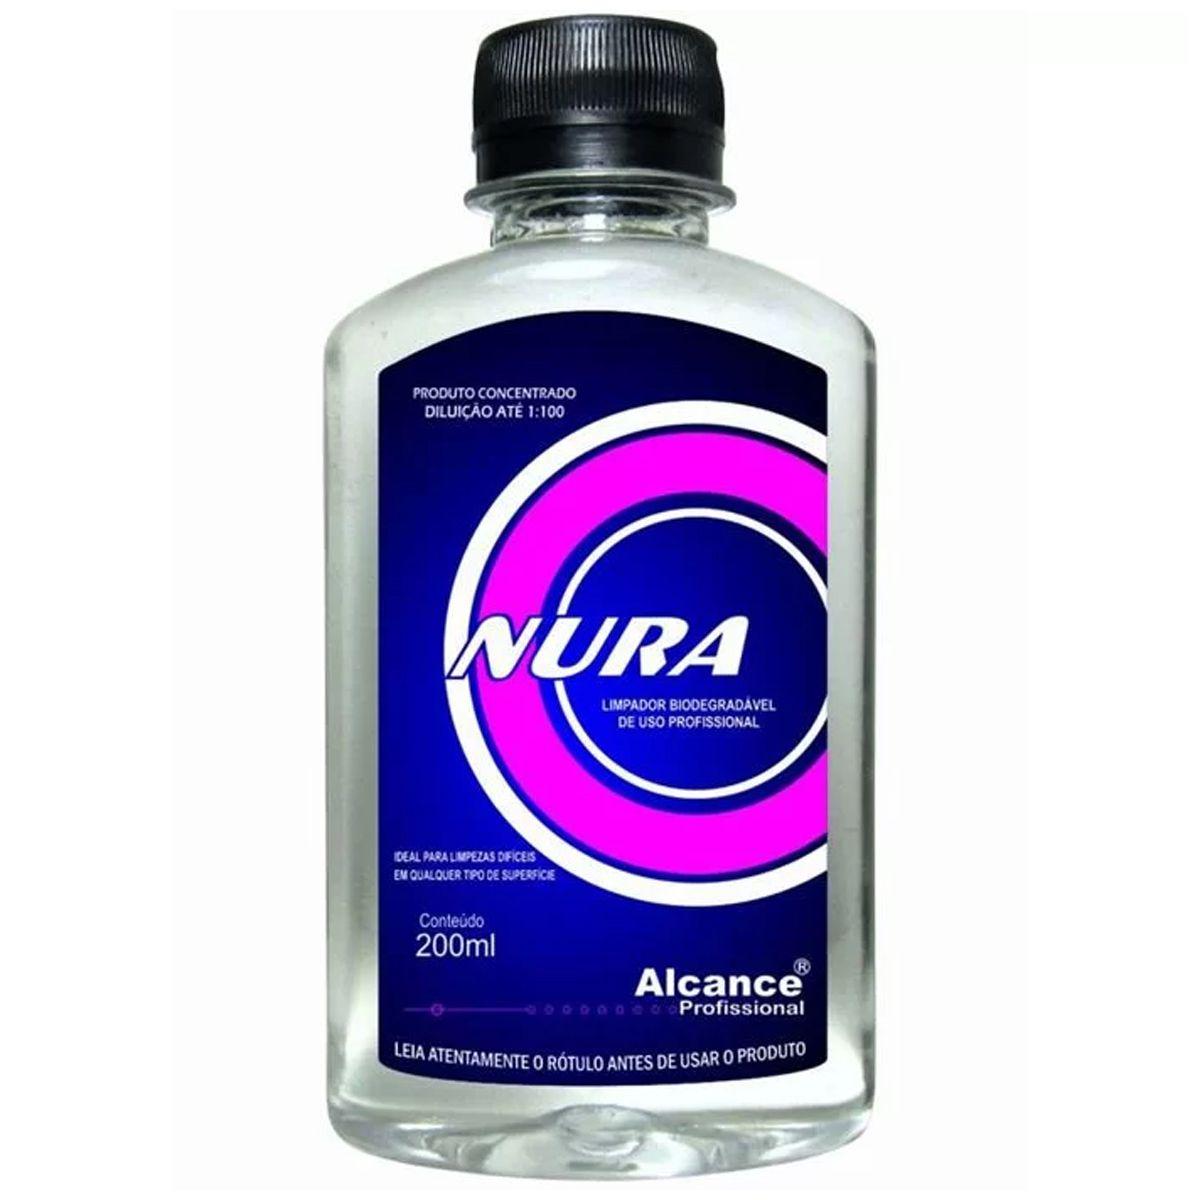 Limpador Biodegradável Super Concentrado Nura 200ml Alcance